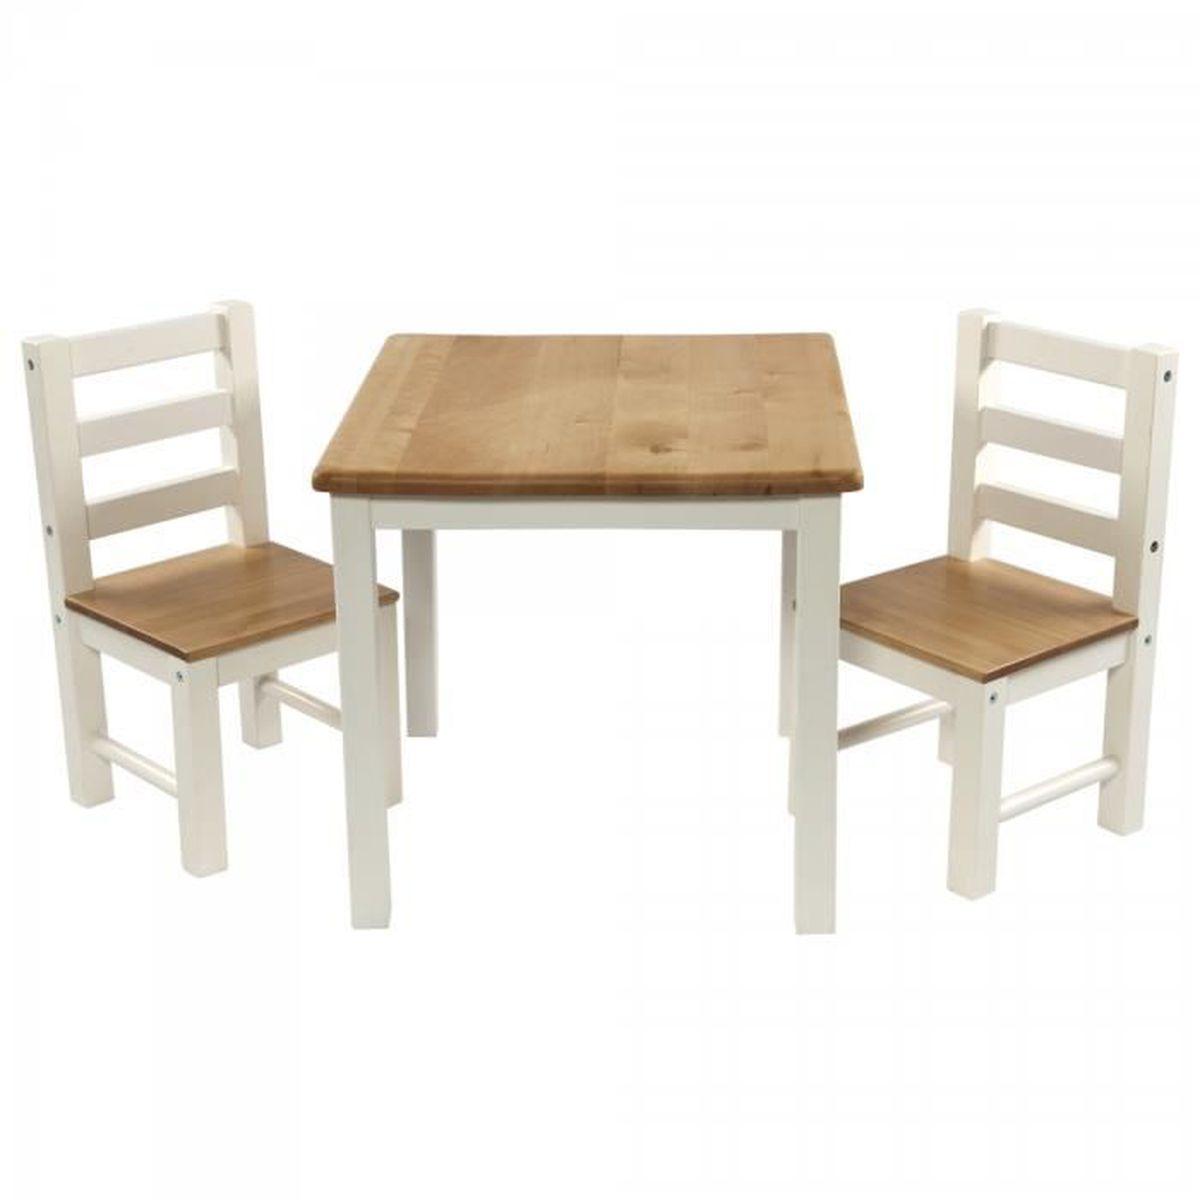 Ensemble table et deux chaises en bois pour enfants design - Ensemble de meuble pour bebe ...